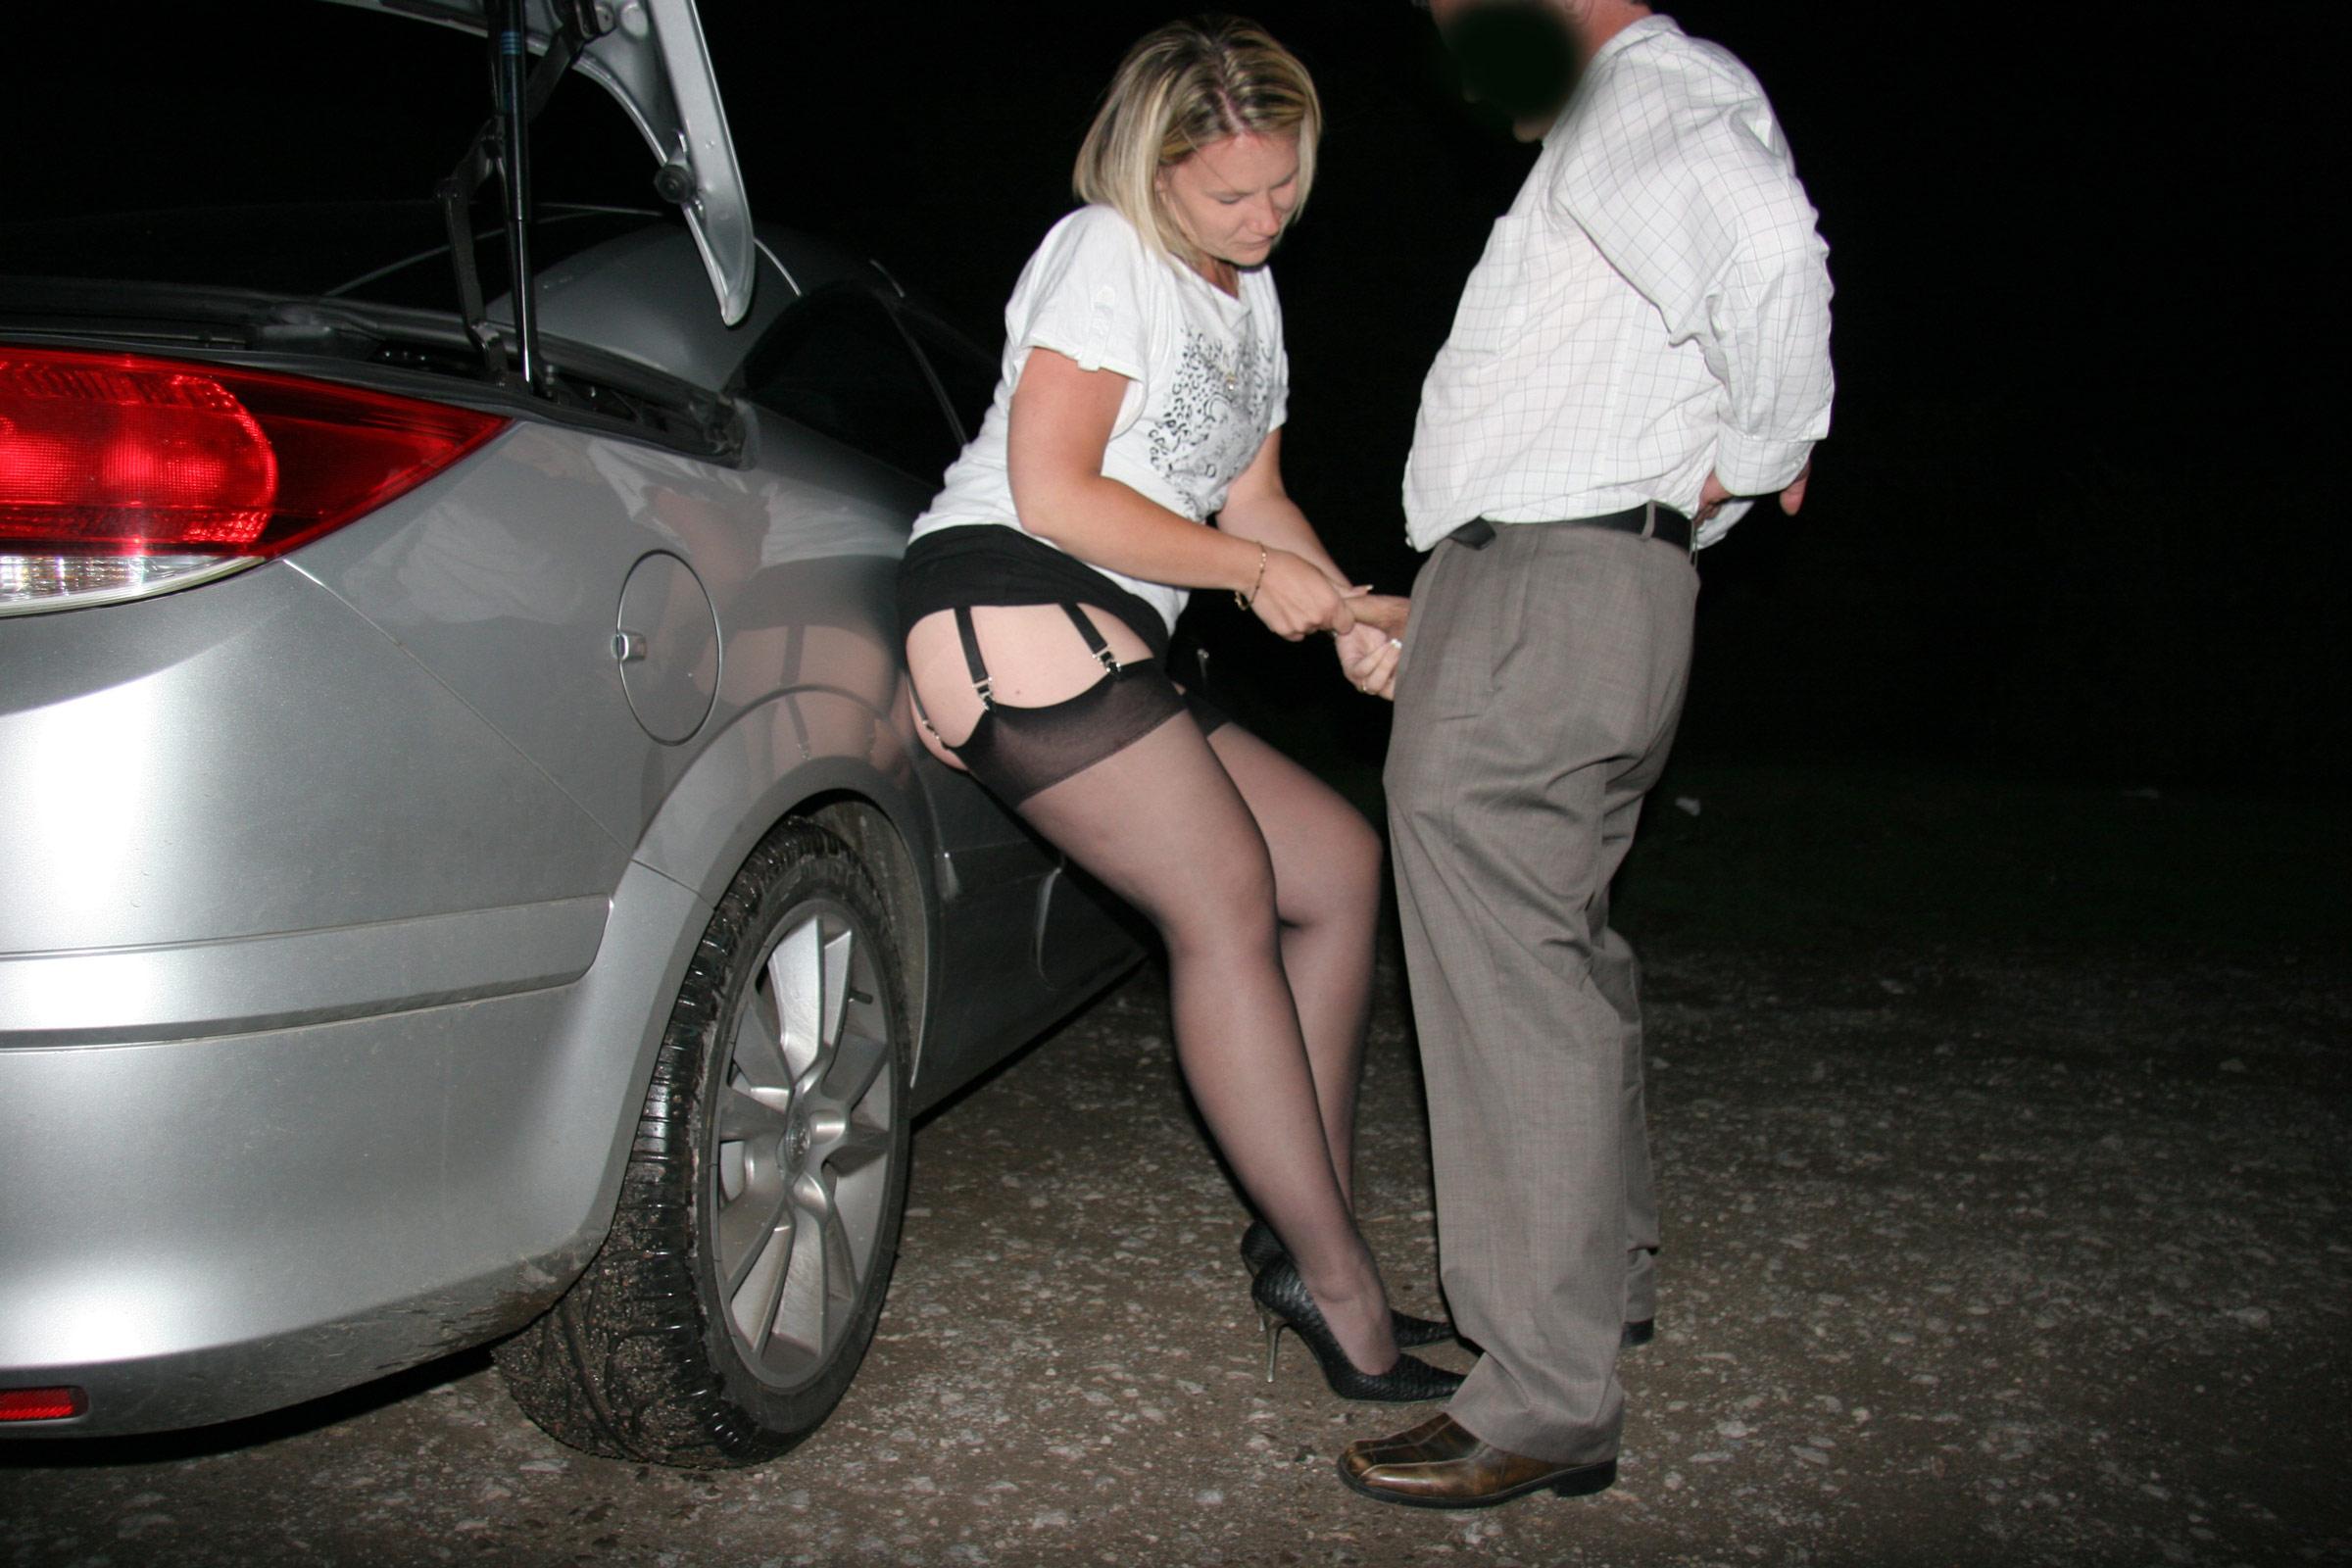 Снял телку на улицах в москве, Русский пикап порно. Пацаны снимают девок для секса 6 фотография